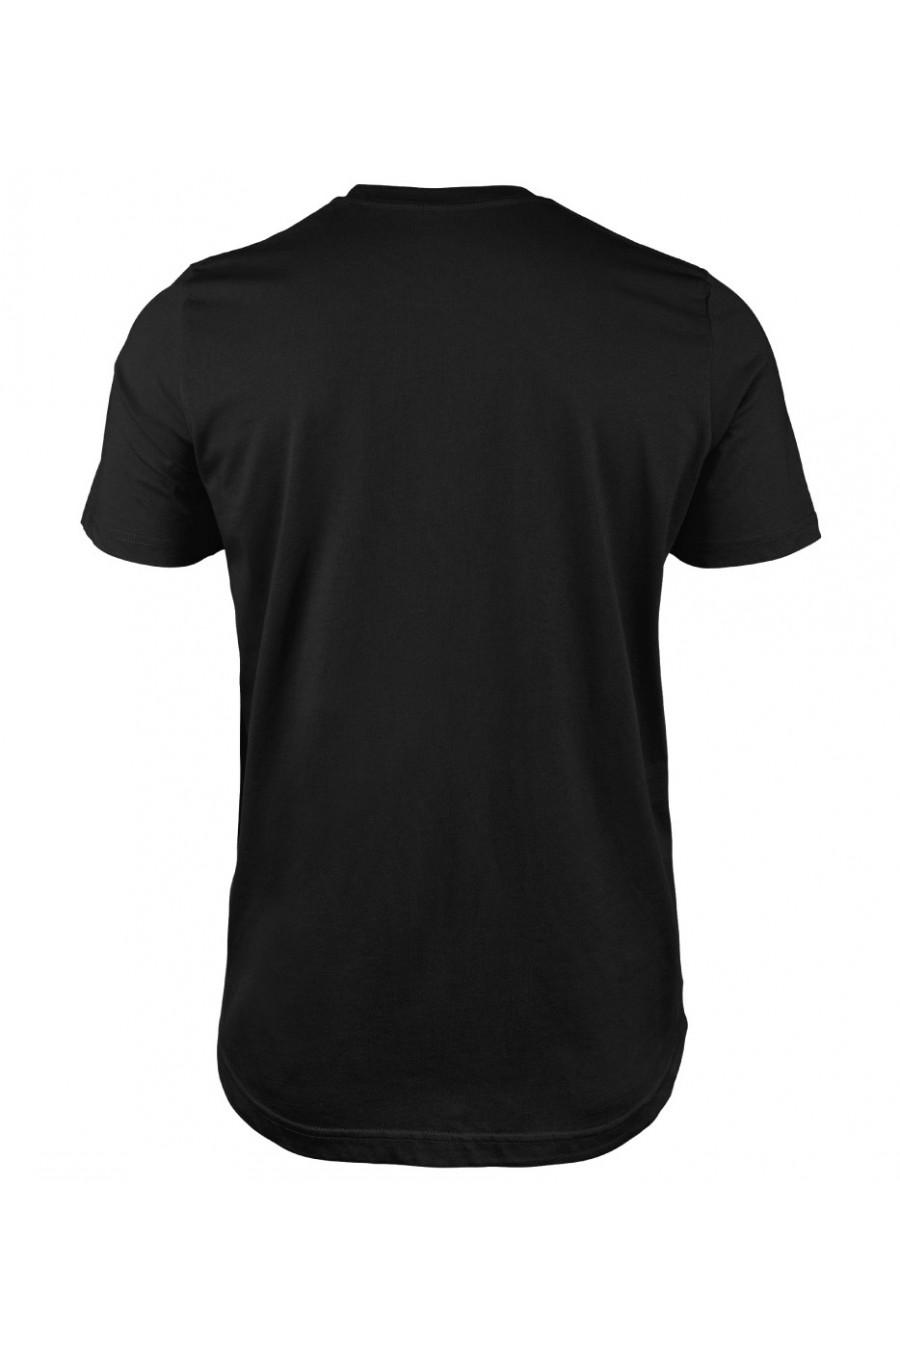 Koszulka Męska Miłośnik Rybek